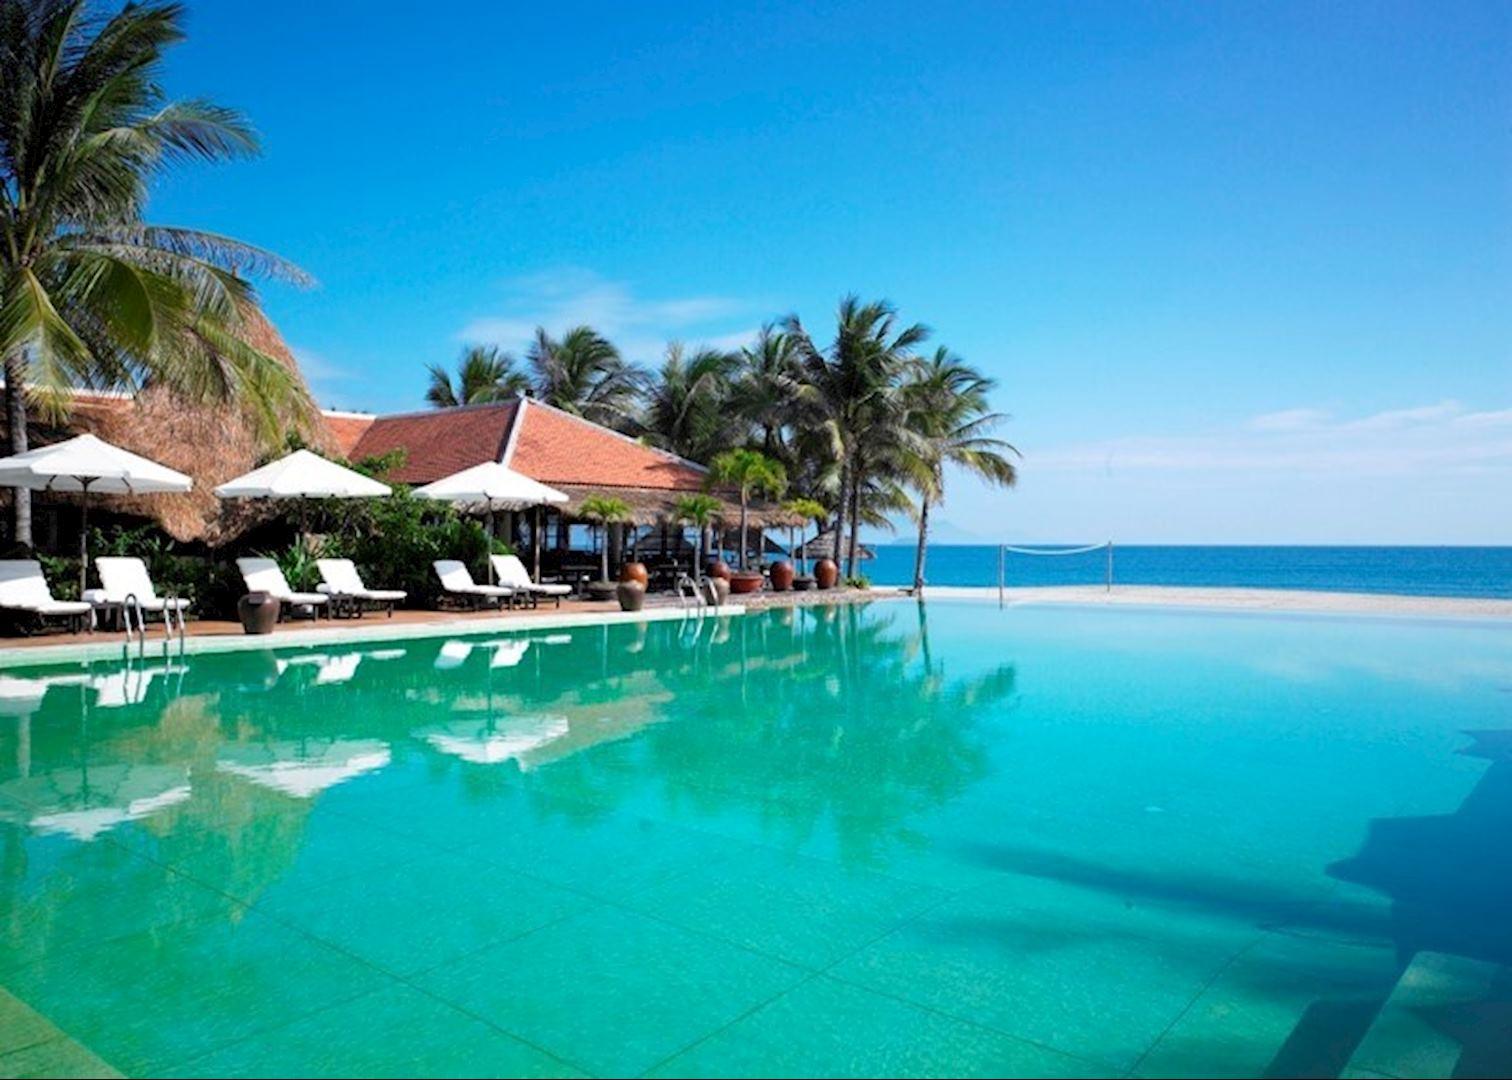 Evason Ana Mandara Hotels In Nha Trang Audley Travel